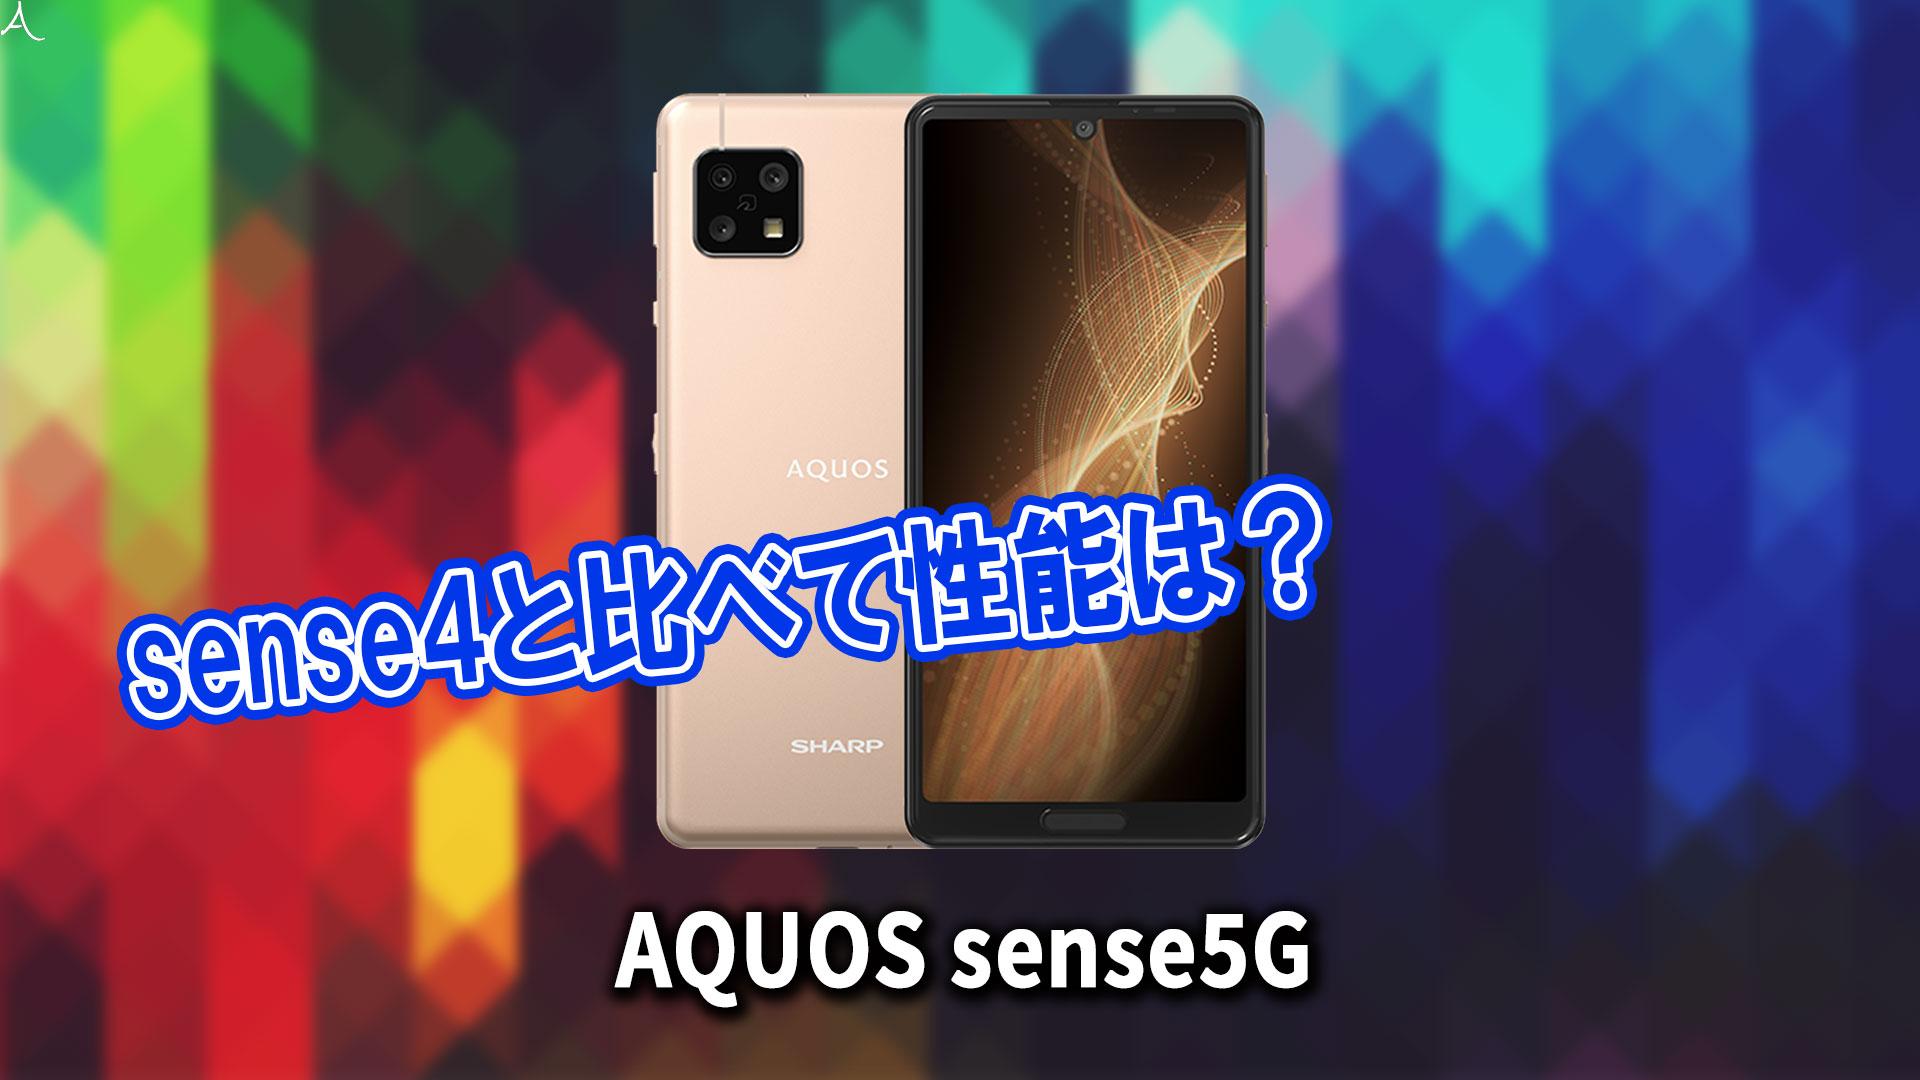 「AQUOS sense5G」のチップセット(CPU)は何?性能をベンチマーク(Geekbench)で比較